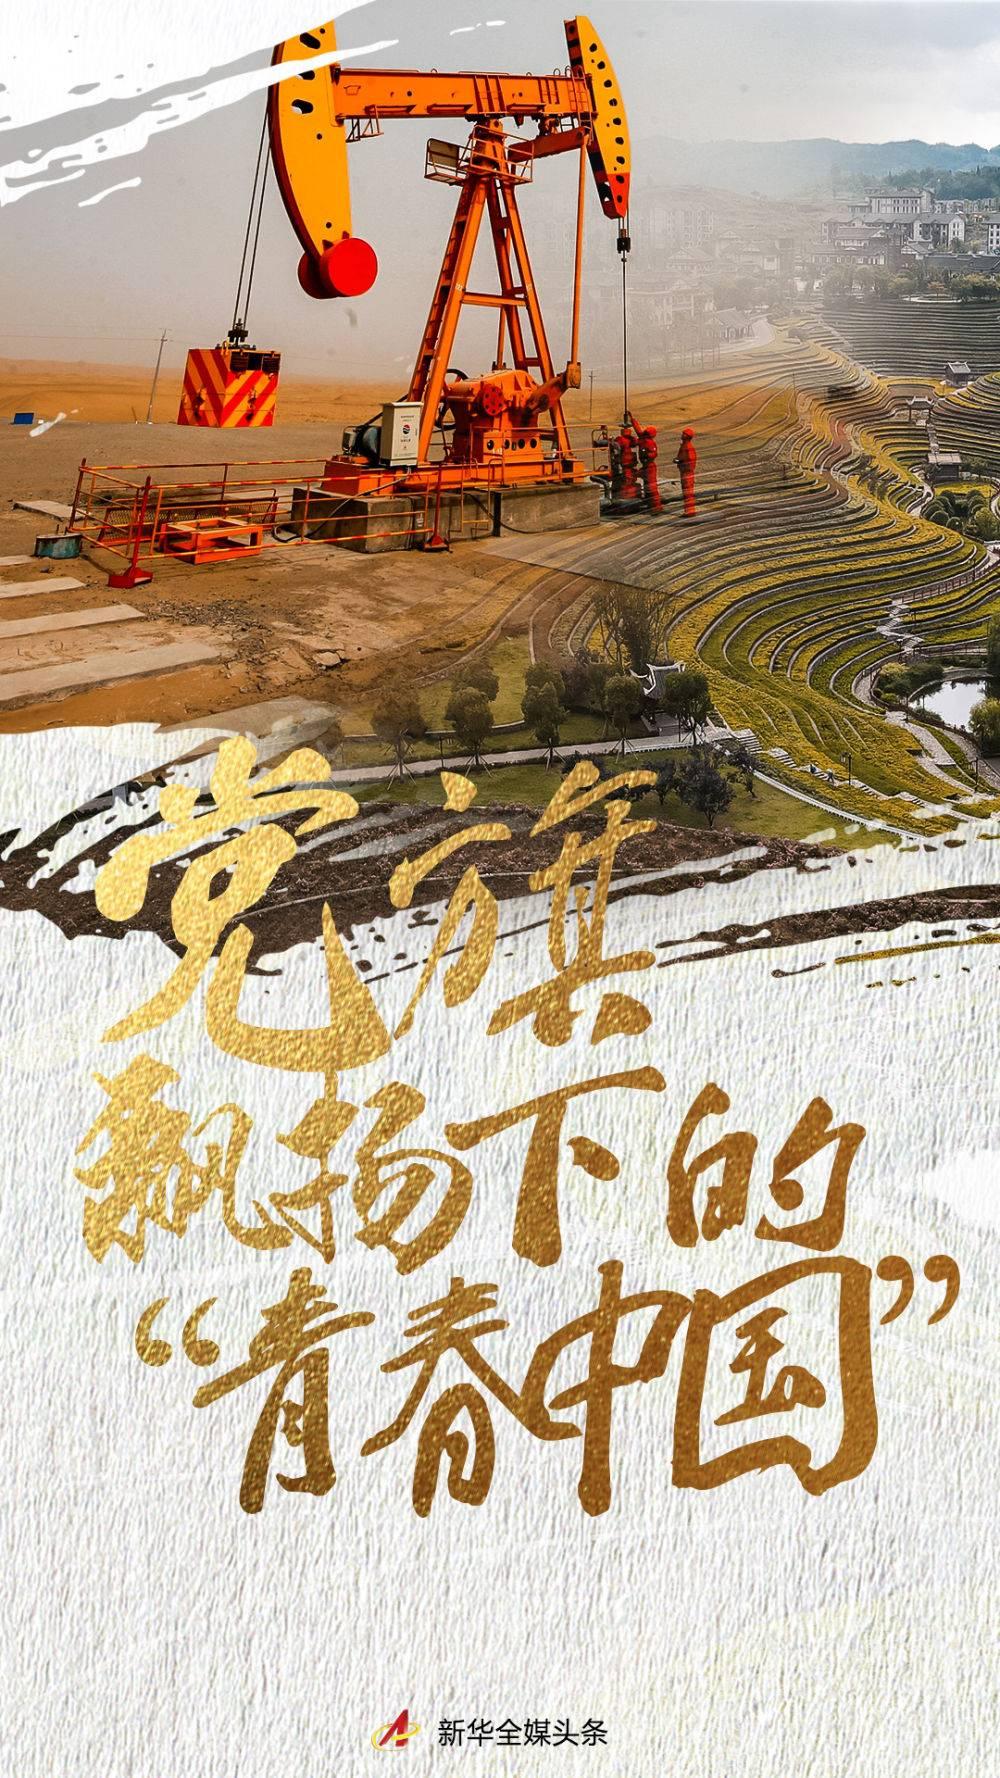 """热血,为时代澎湃--党旗飘扬下的""""青春中国"""""""